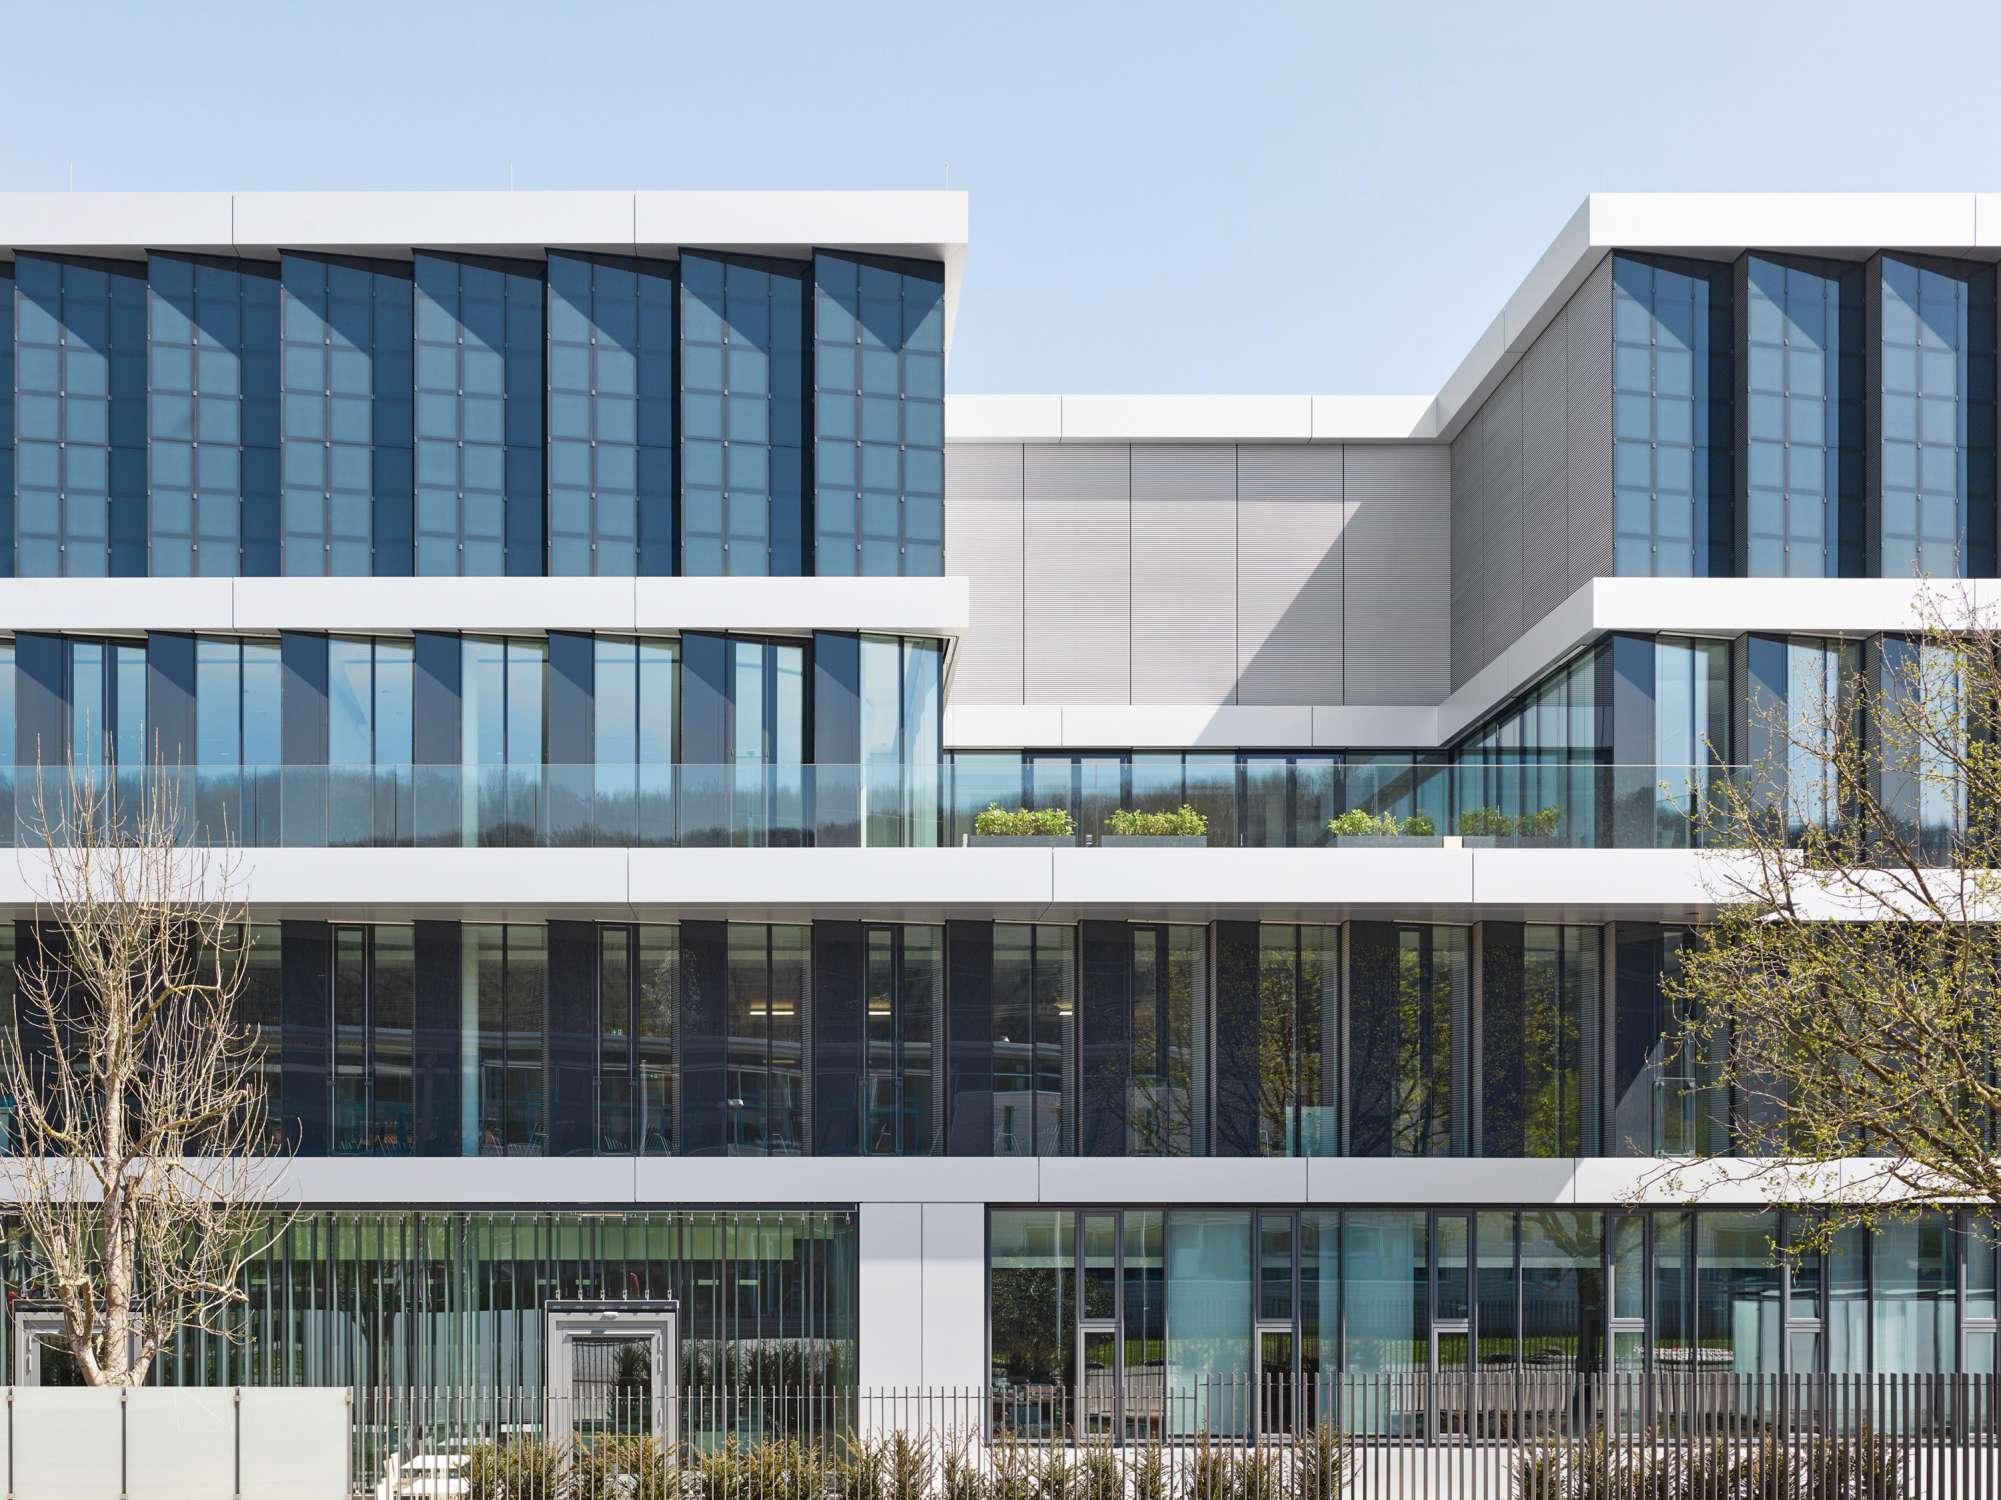 Verwaltungs- und Infrastrukturgebäude (3)